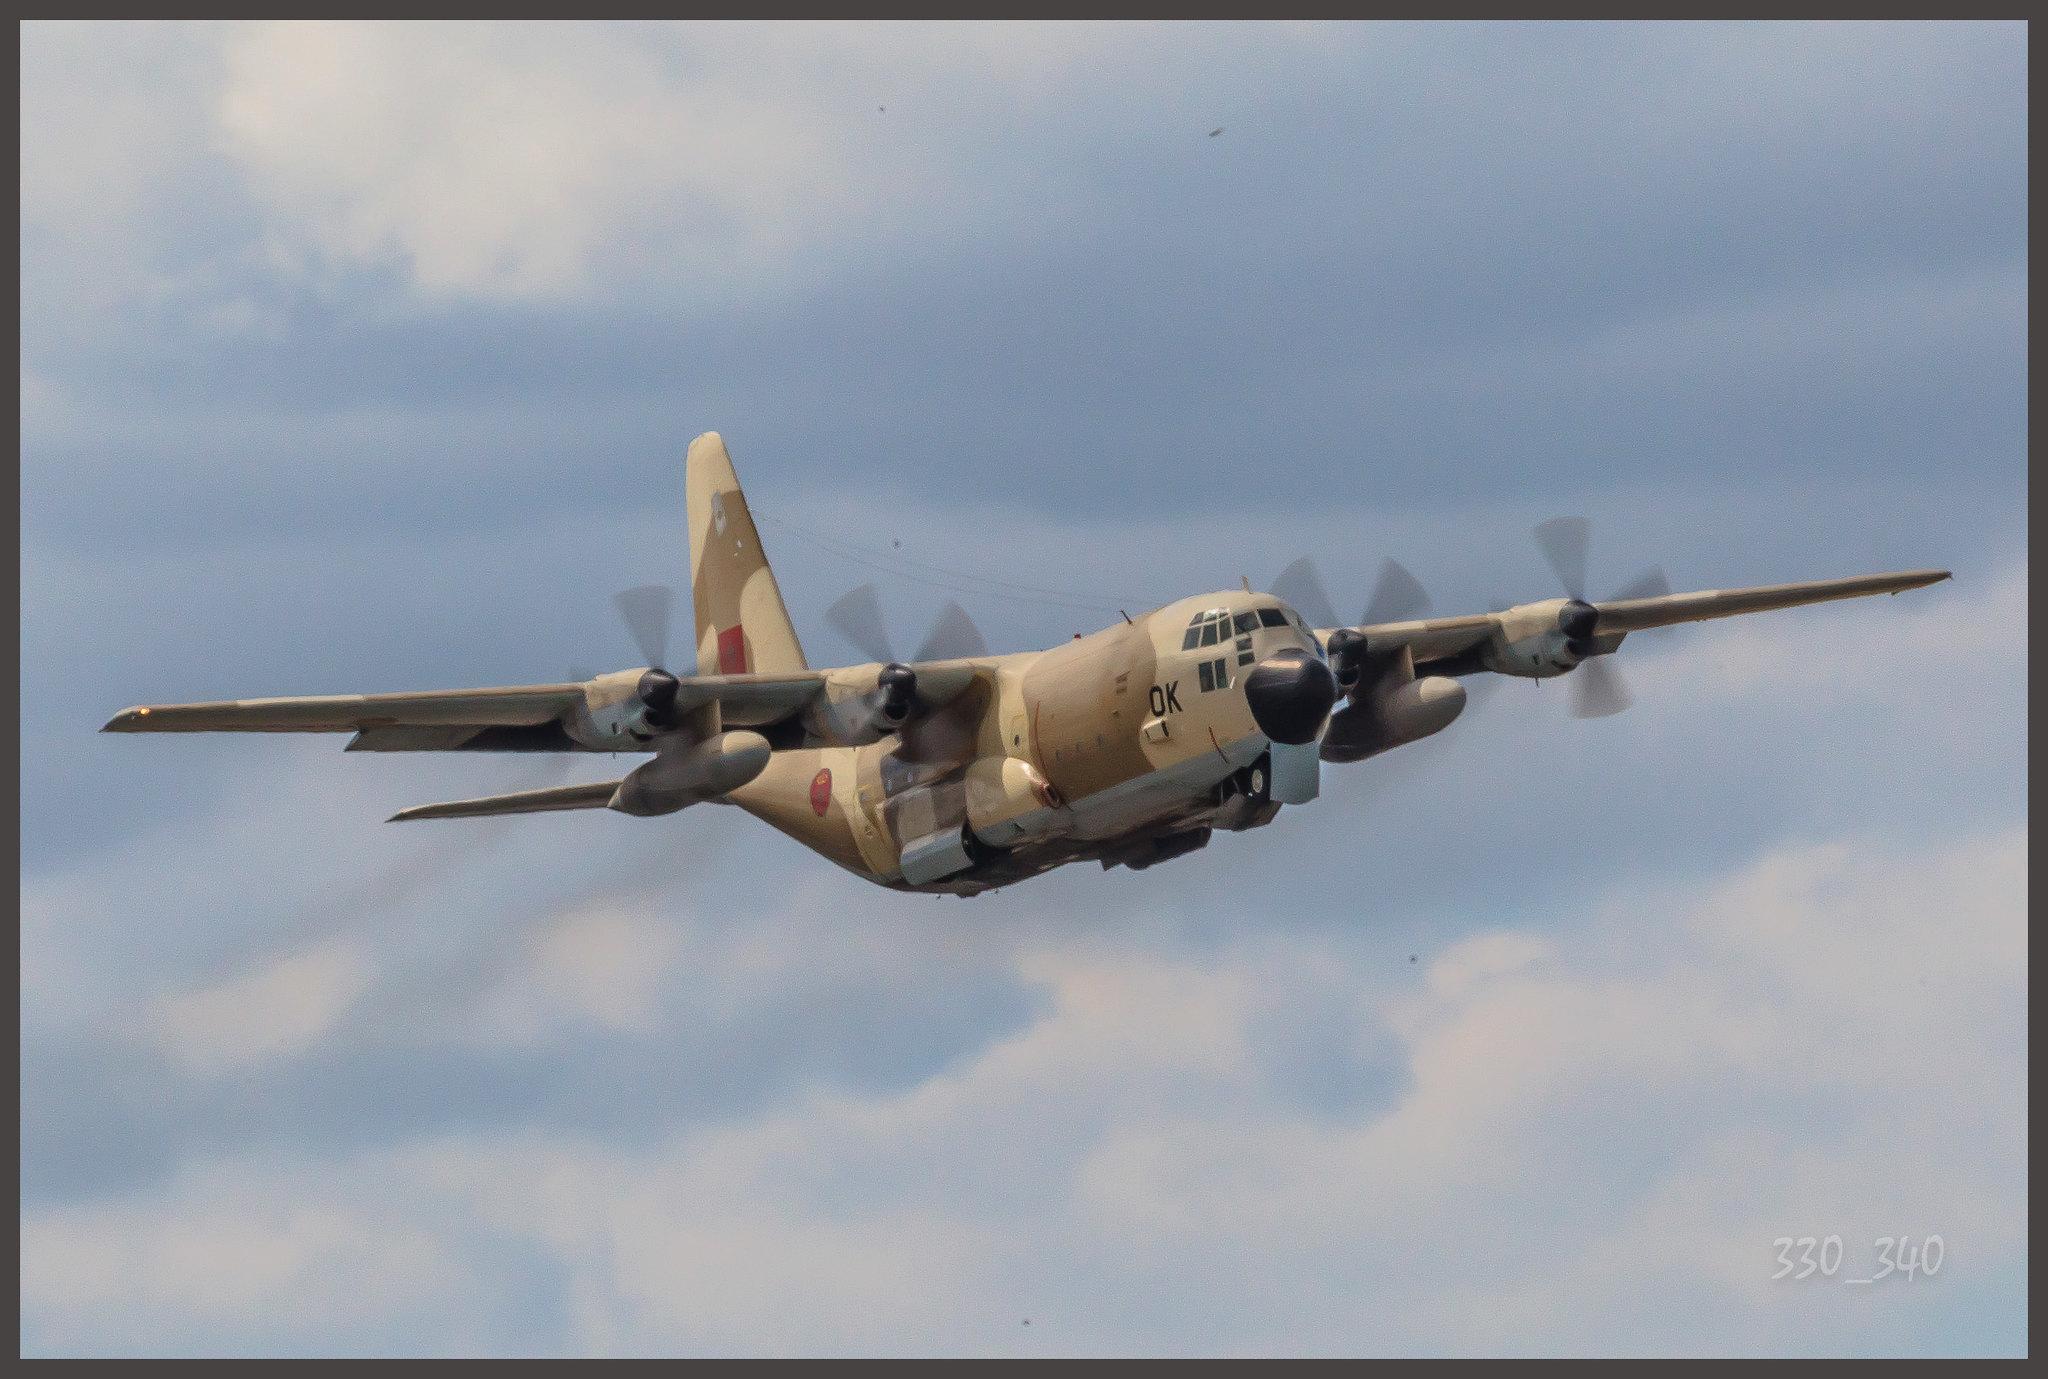 FRA: Photos d'avions de transport - Page 41 50297104761_3d37670f8f_k